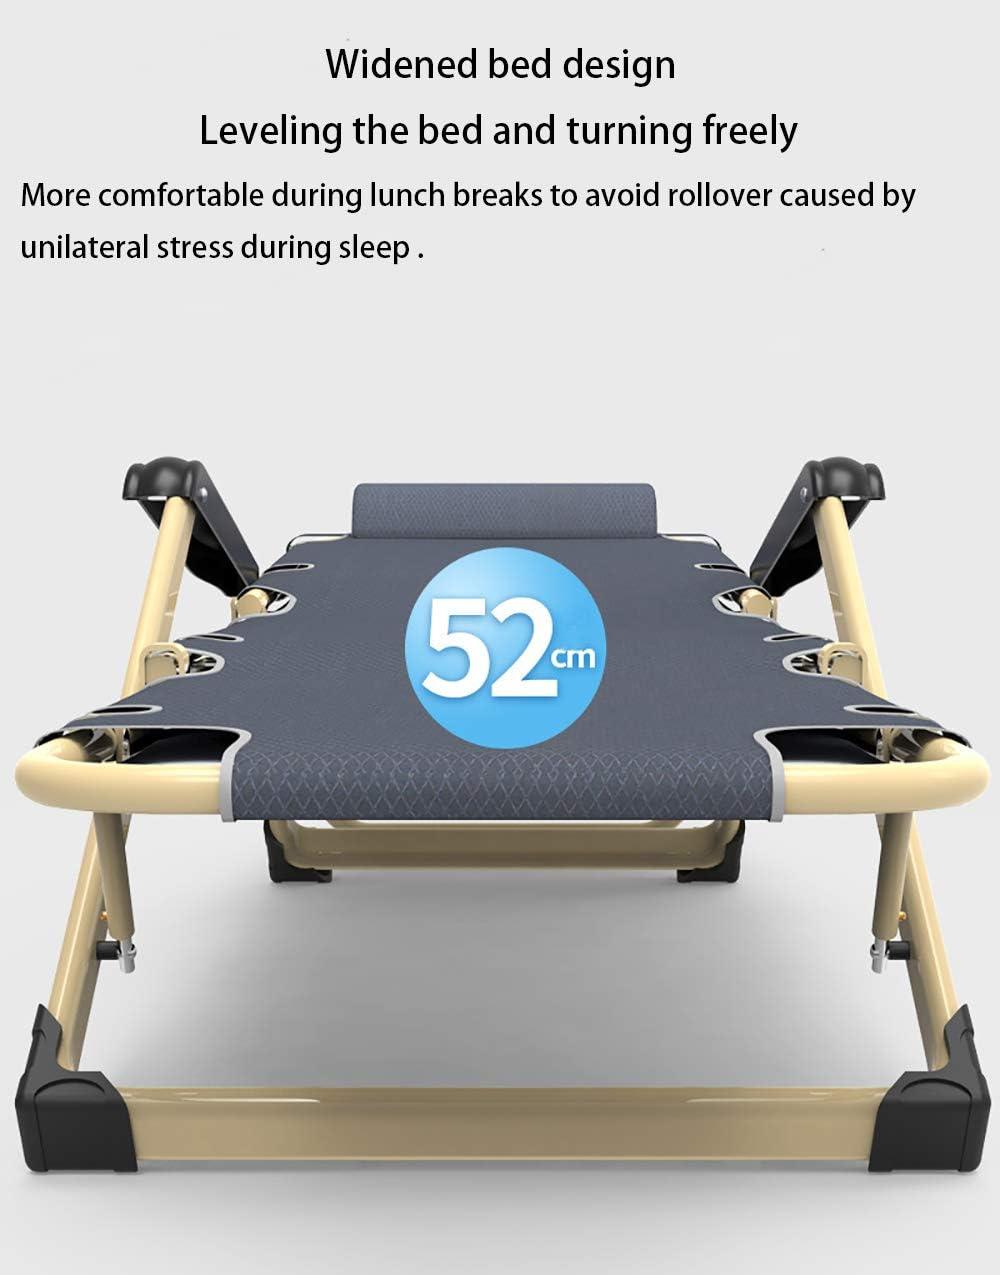 Chaise de salon pliante d'extérieur pour sieste de bureau lit simple-4 4